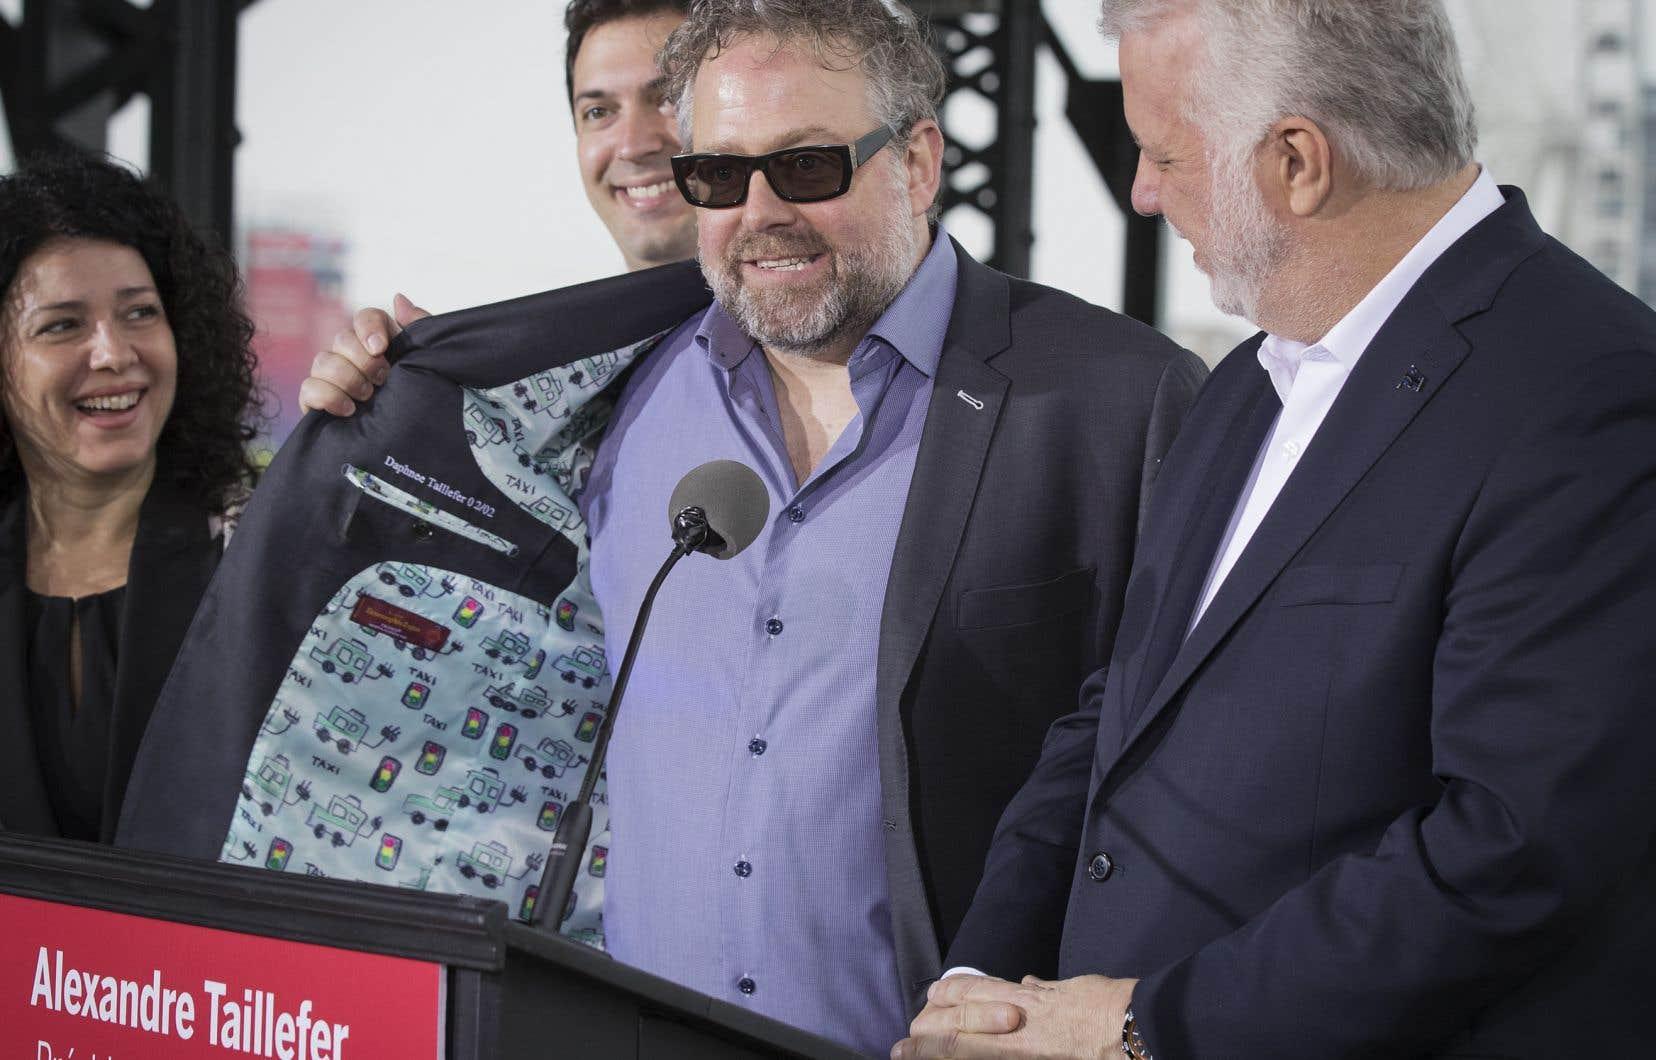 Alexandre Taillefer a rencontré la presse mardi matin sur un quai du Vieux-Port de Montréal aux côtés du premier ministre et chef libéral Philippe Couillard.